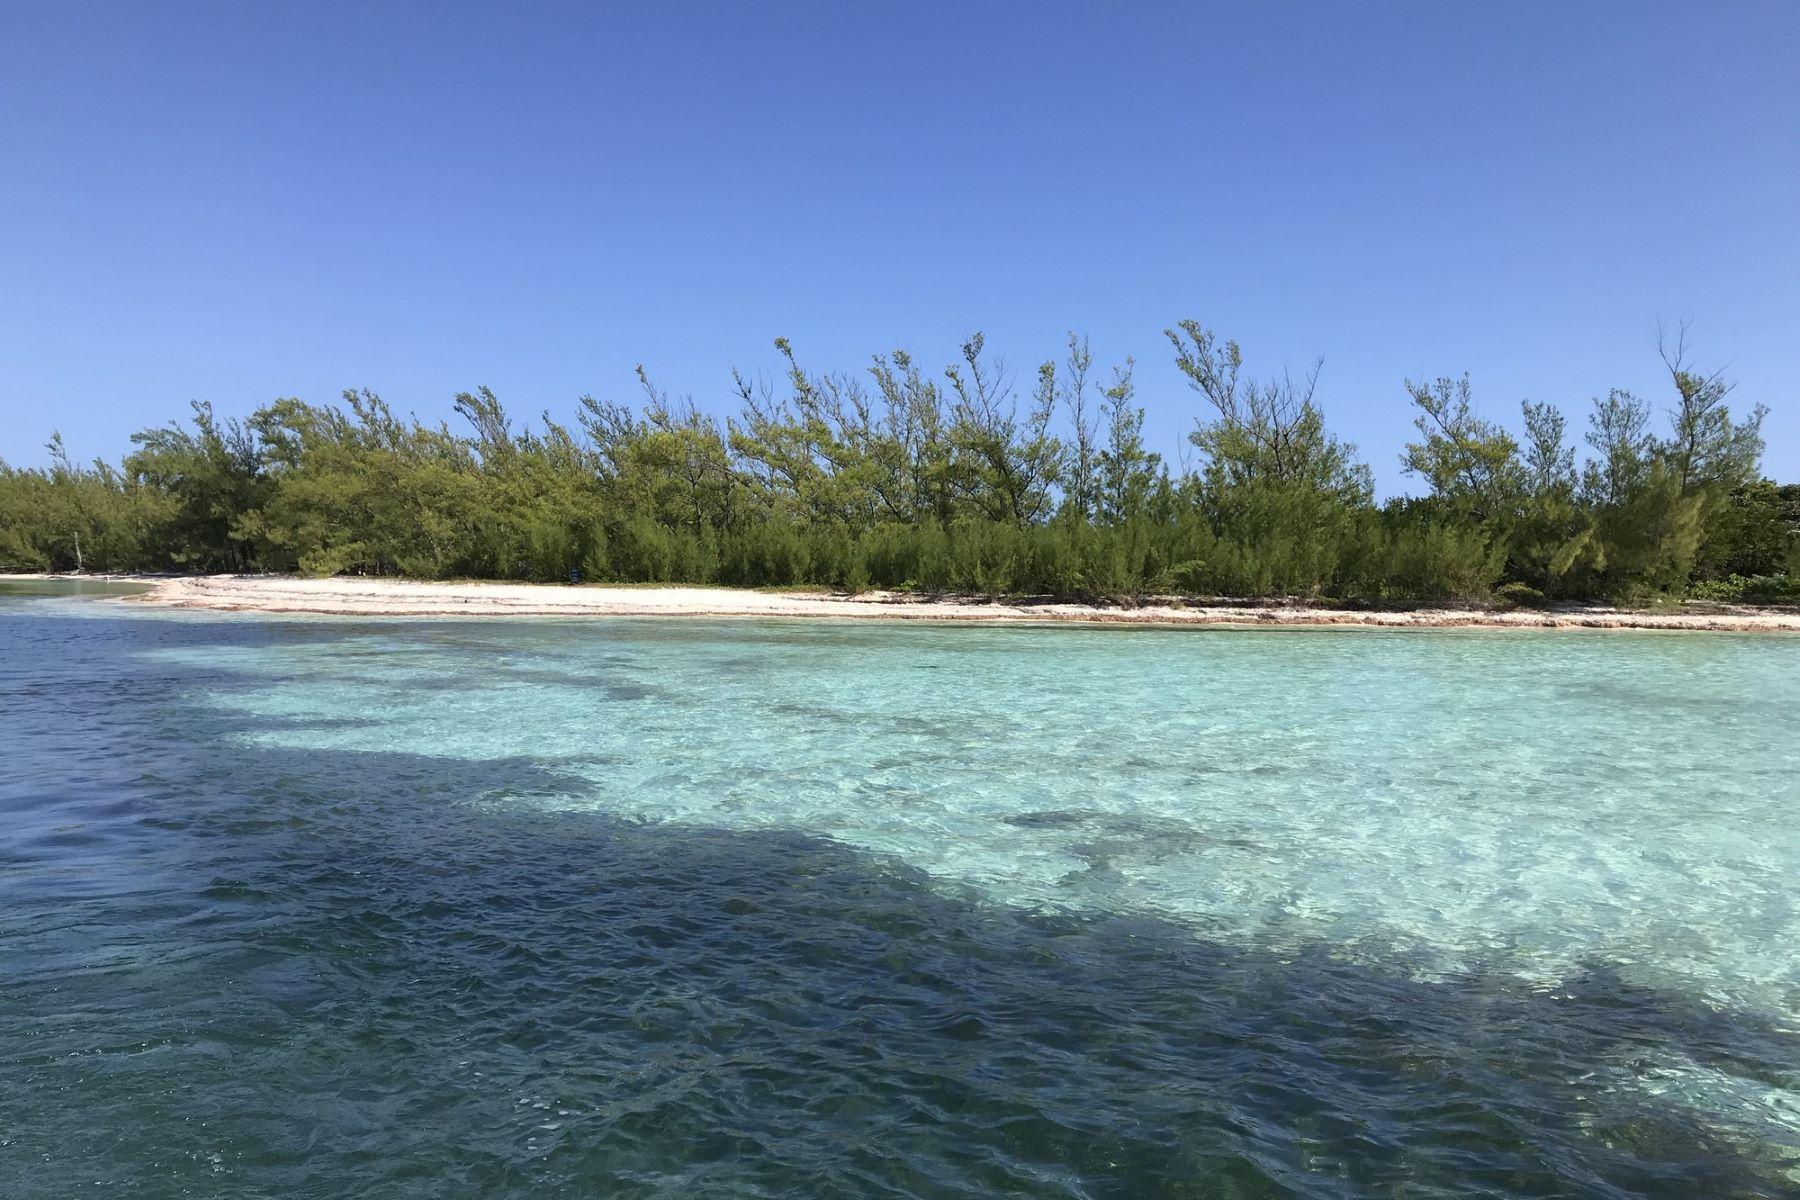 Land for Sale at Tilloo Bank Lot 1 Tilloo Cay, Abaco Bahamas